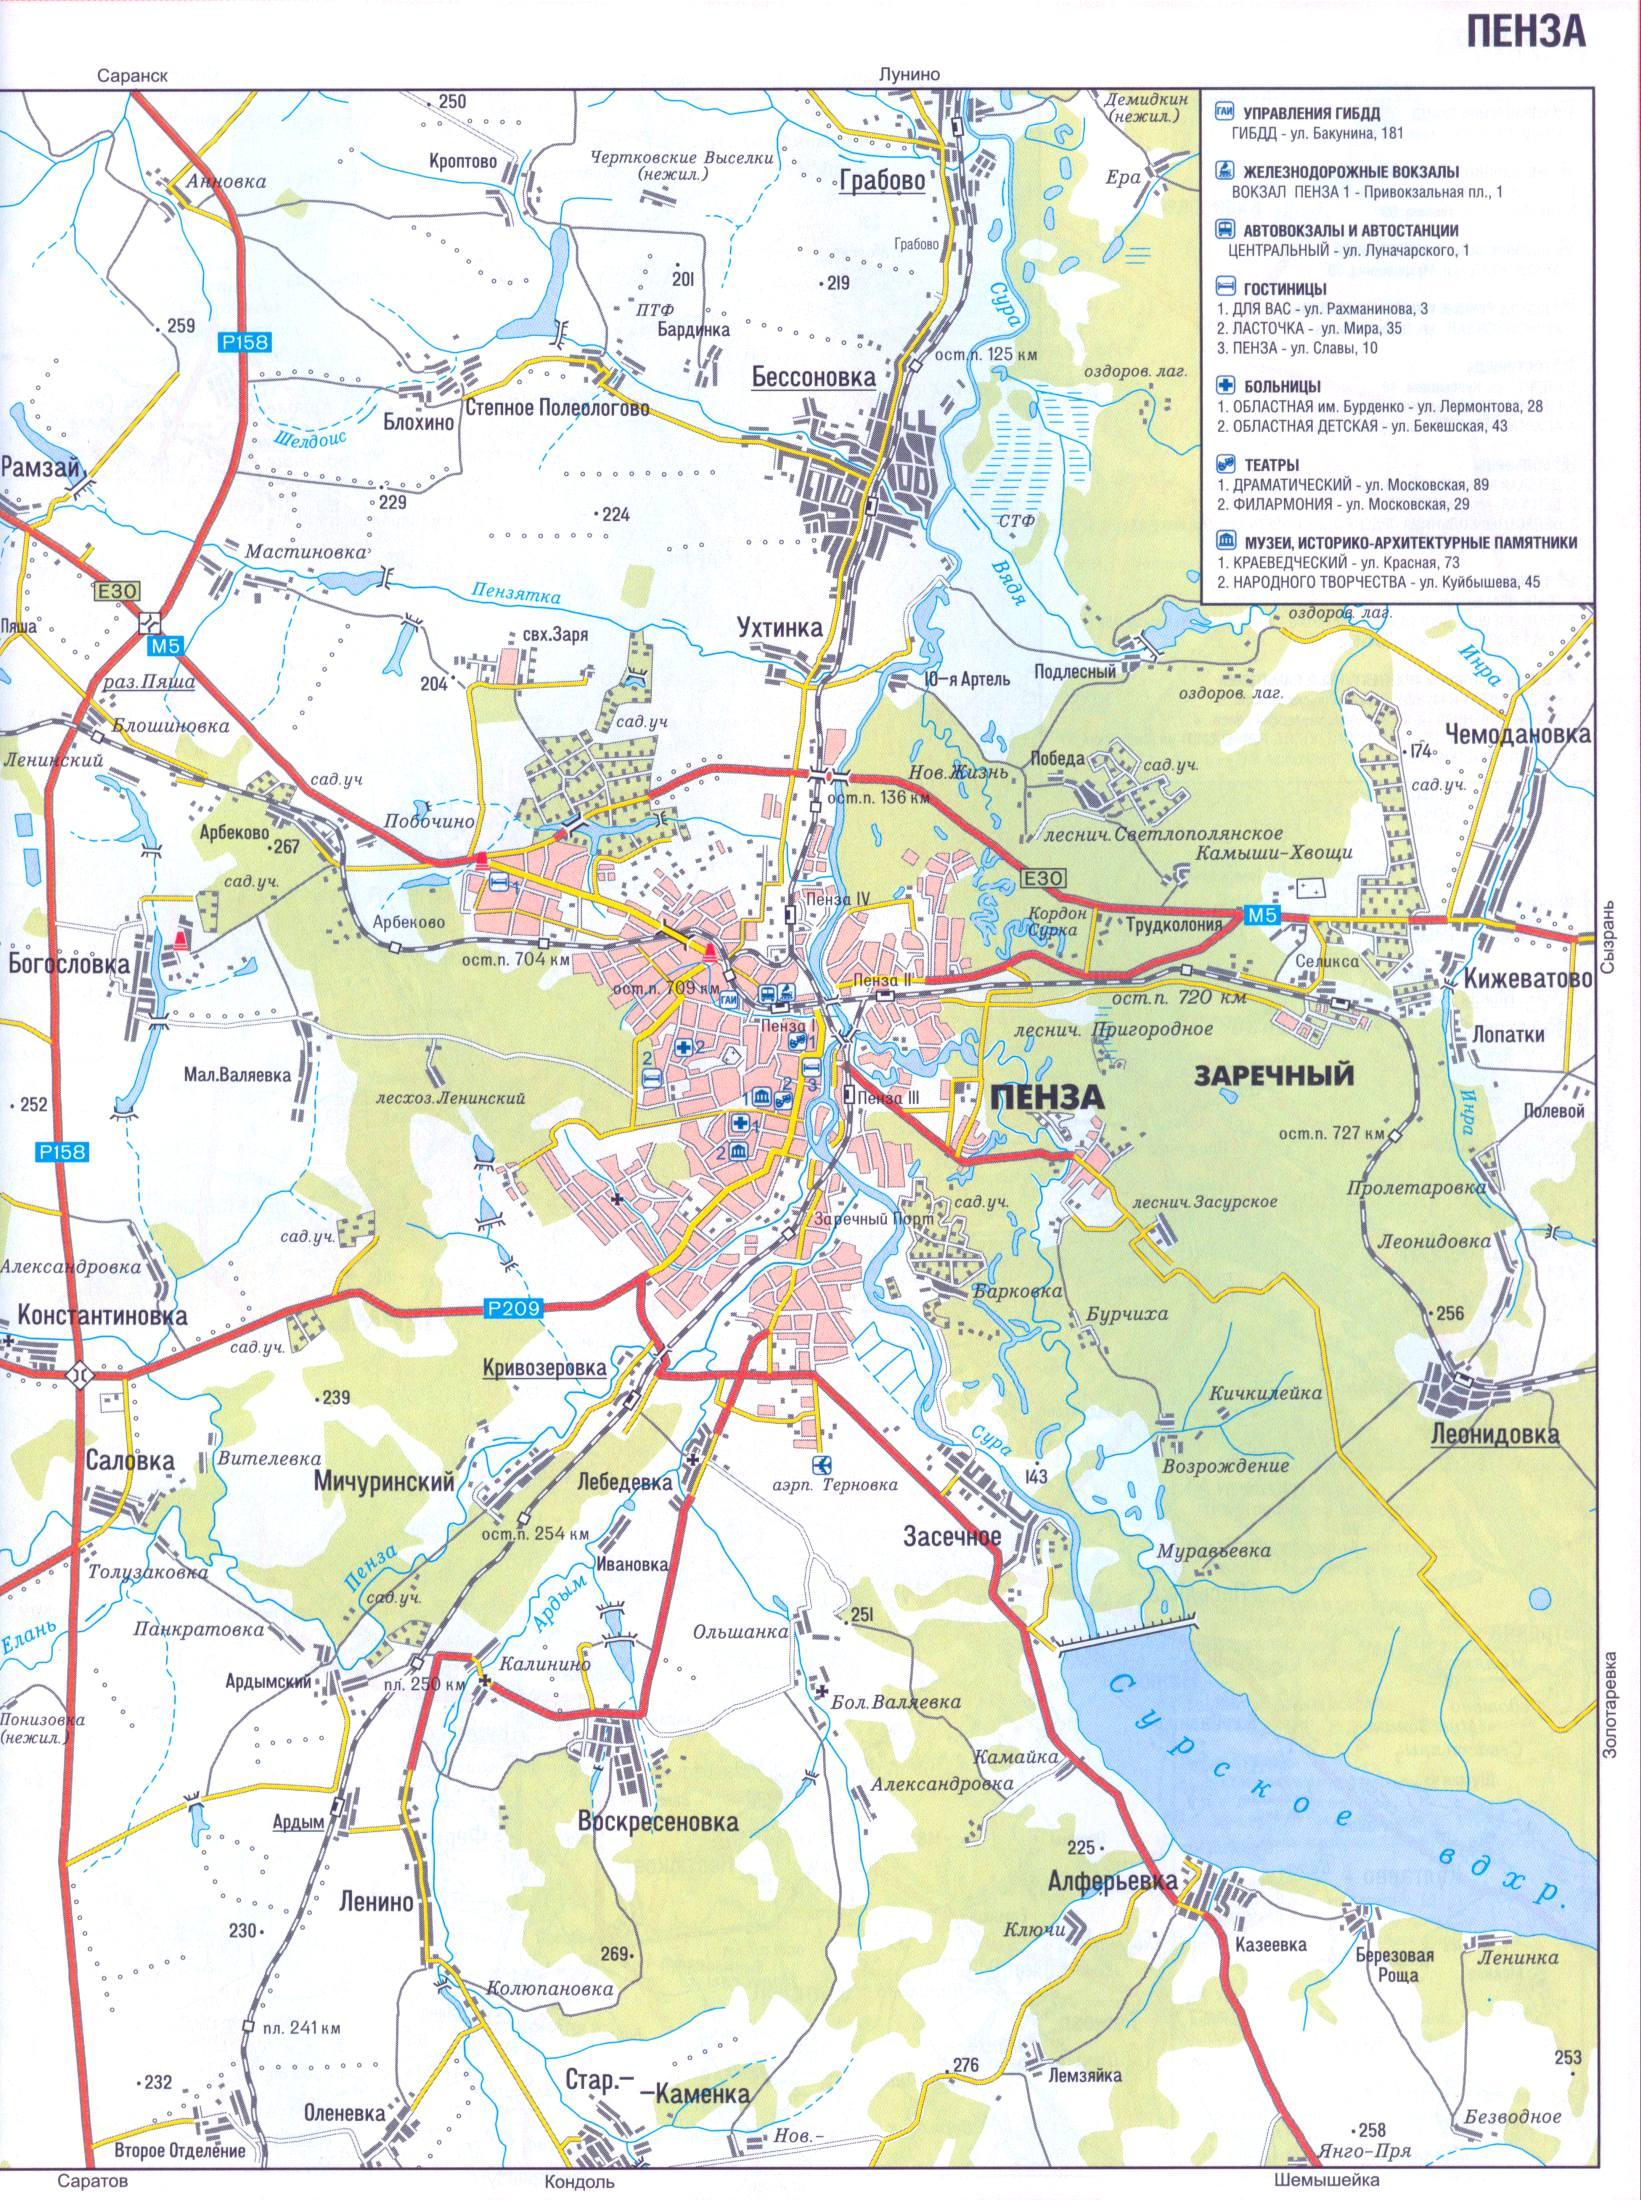 Карта Пензы. Карта схема проезда Пензы, A0: http://rus-atlas.ru/map331340_0_0.htm